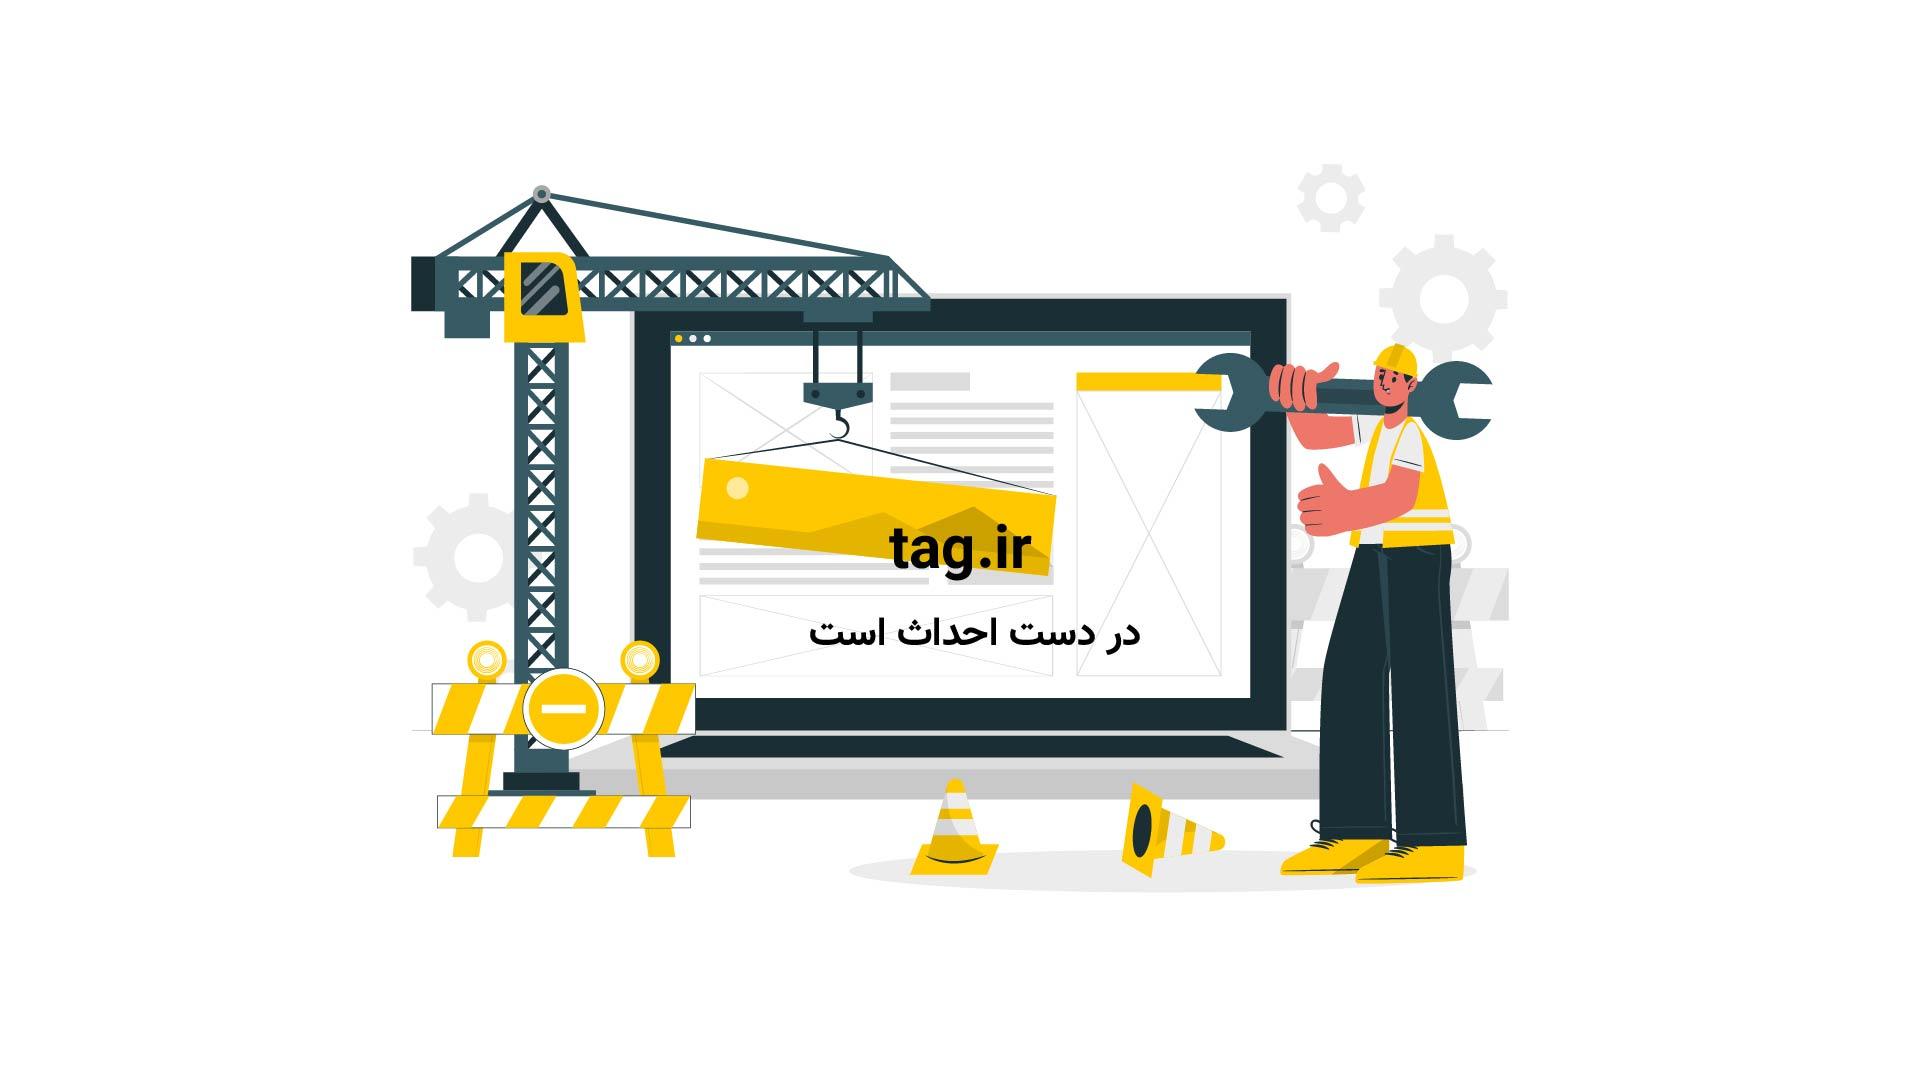 انیمیشن زیبا از مسجد امام اصفهان   فیلم